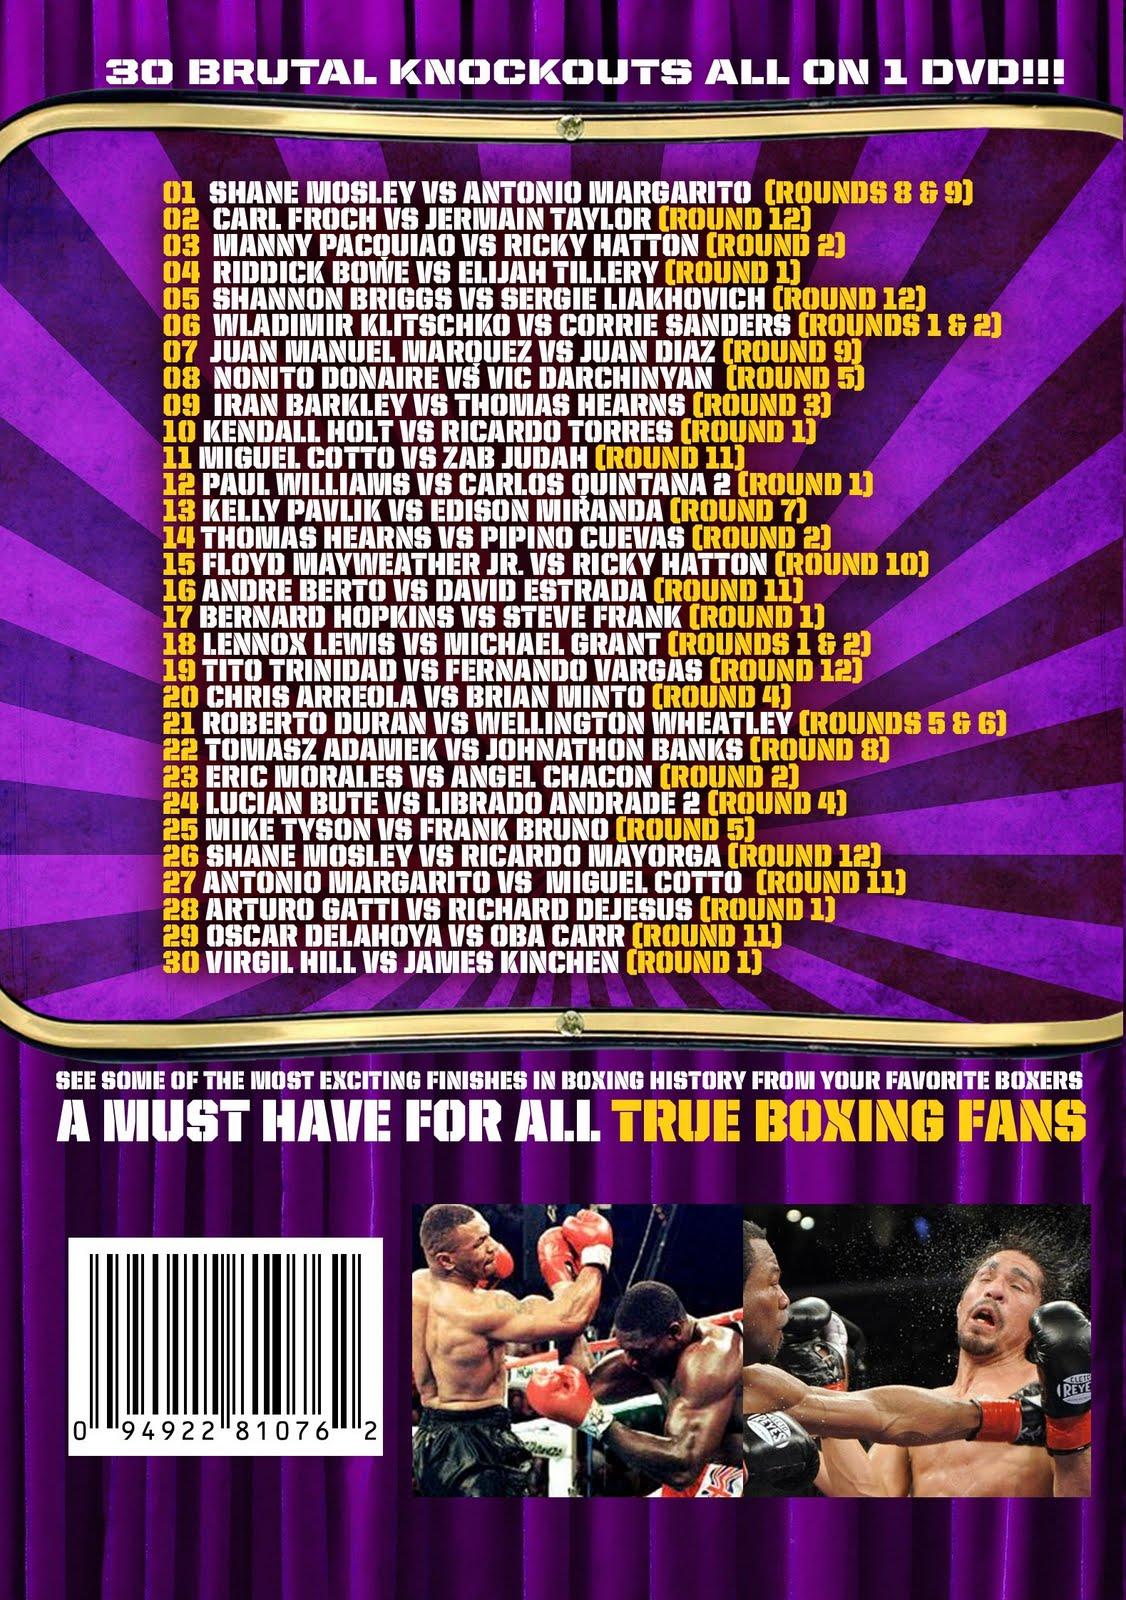 http://3.bp.blogspot.com/_M0IvapqPeEA/TCJm1KtuSoI/AAAAAAAAATE/z5WcyoDrHRg/s1600/pound4poundKnockouts.jpg